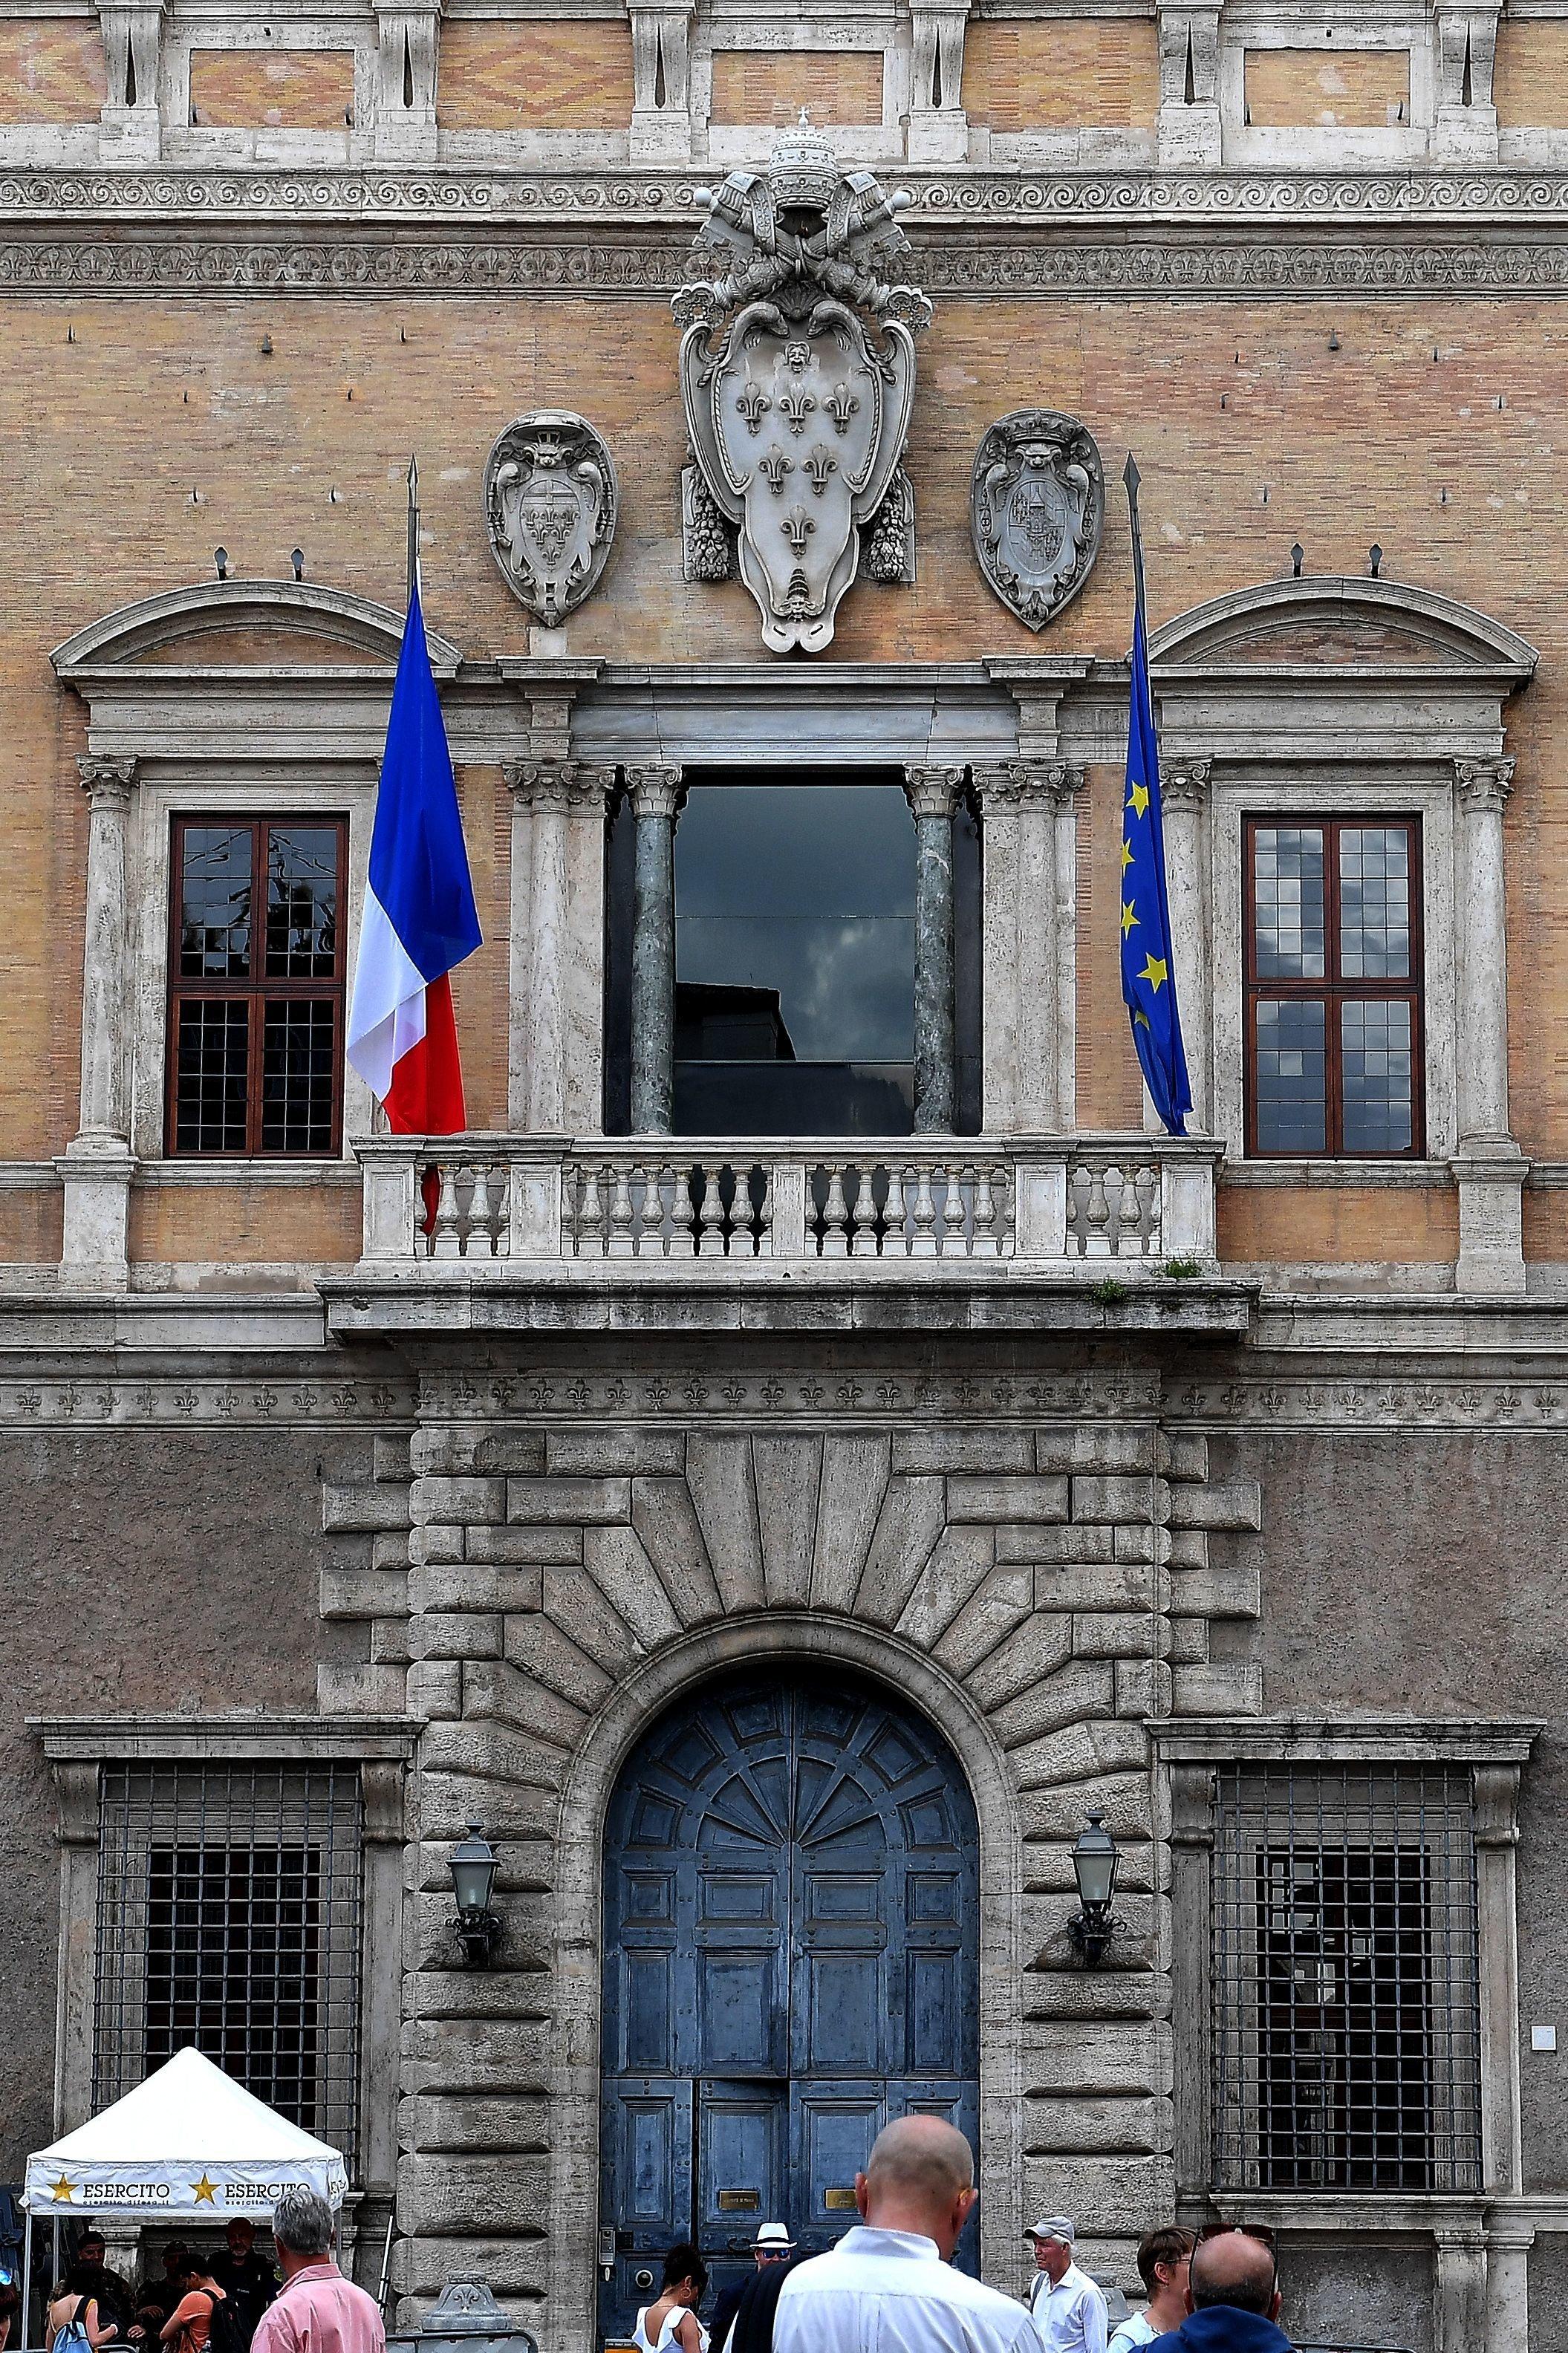 La France accuse l'Italie d'ingérence et rappelle son